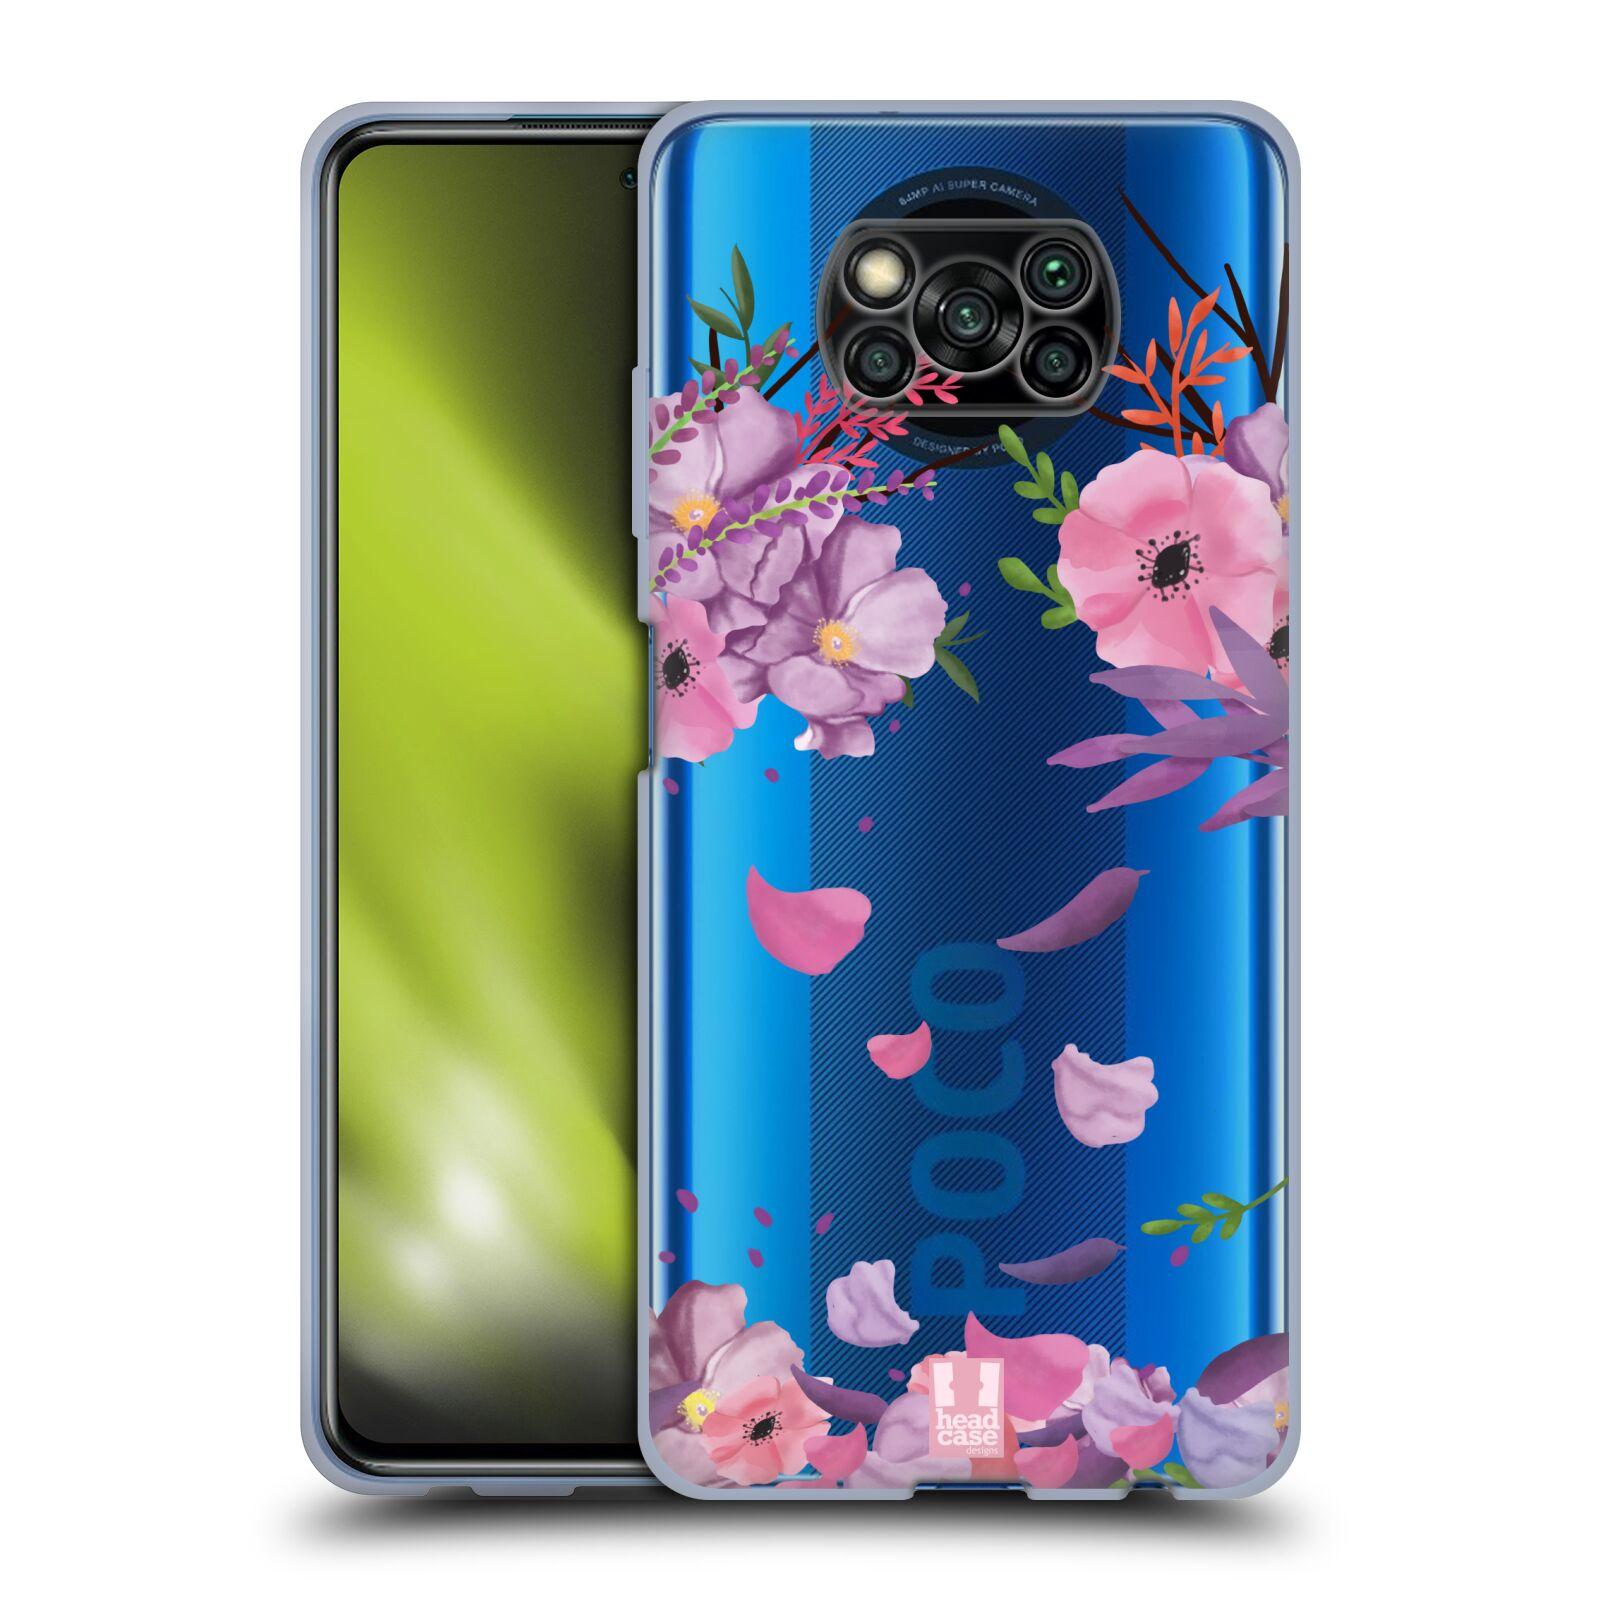 Silikonové pouzdro na mobil Xiaomi Poco X3 NFC - Head Case - Okvětní lístky